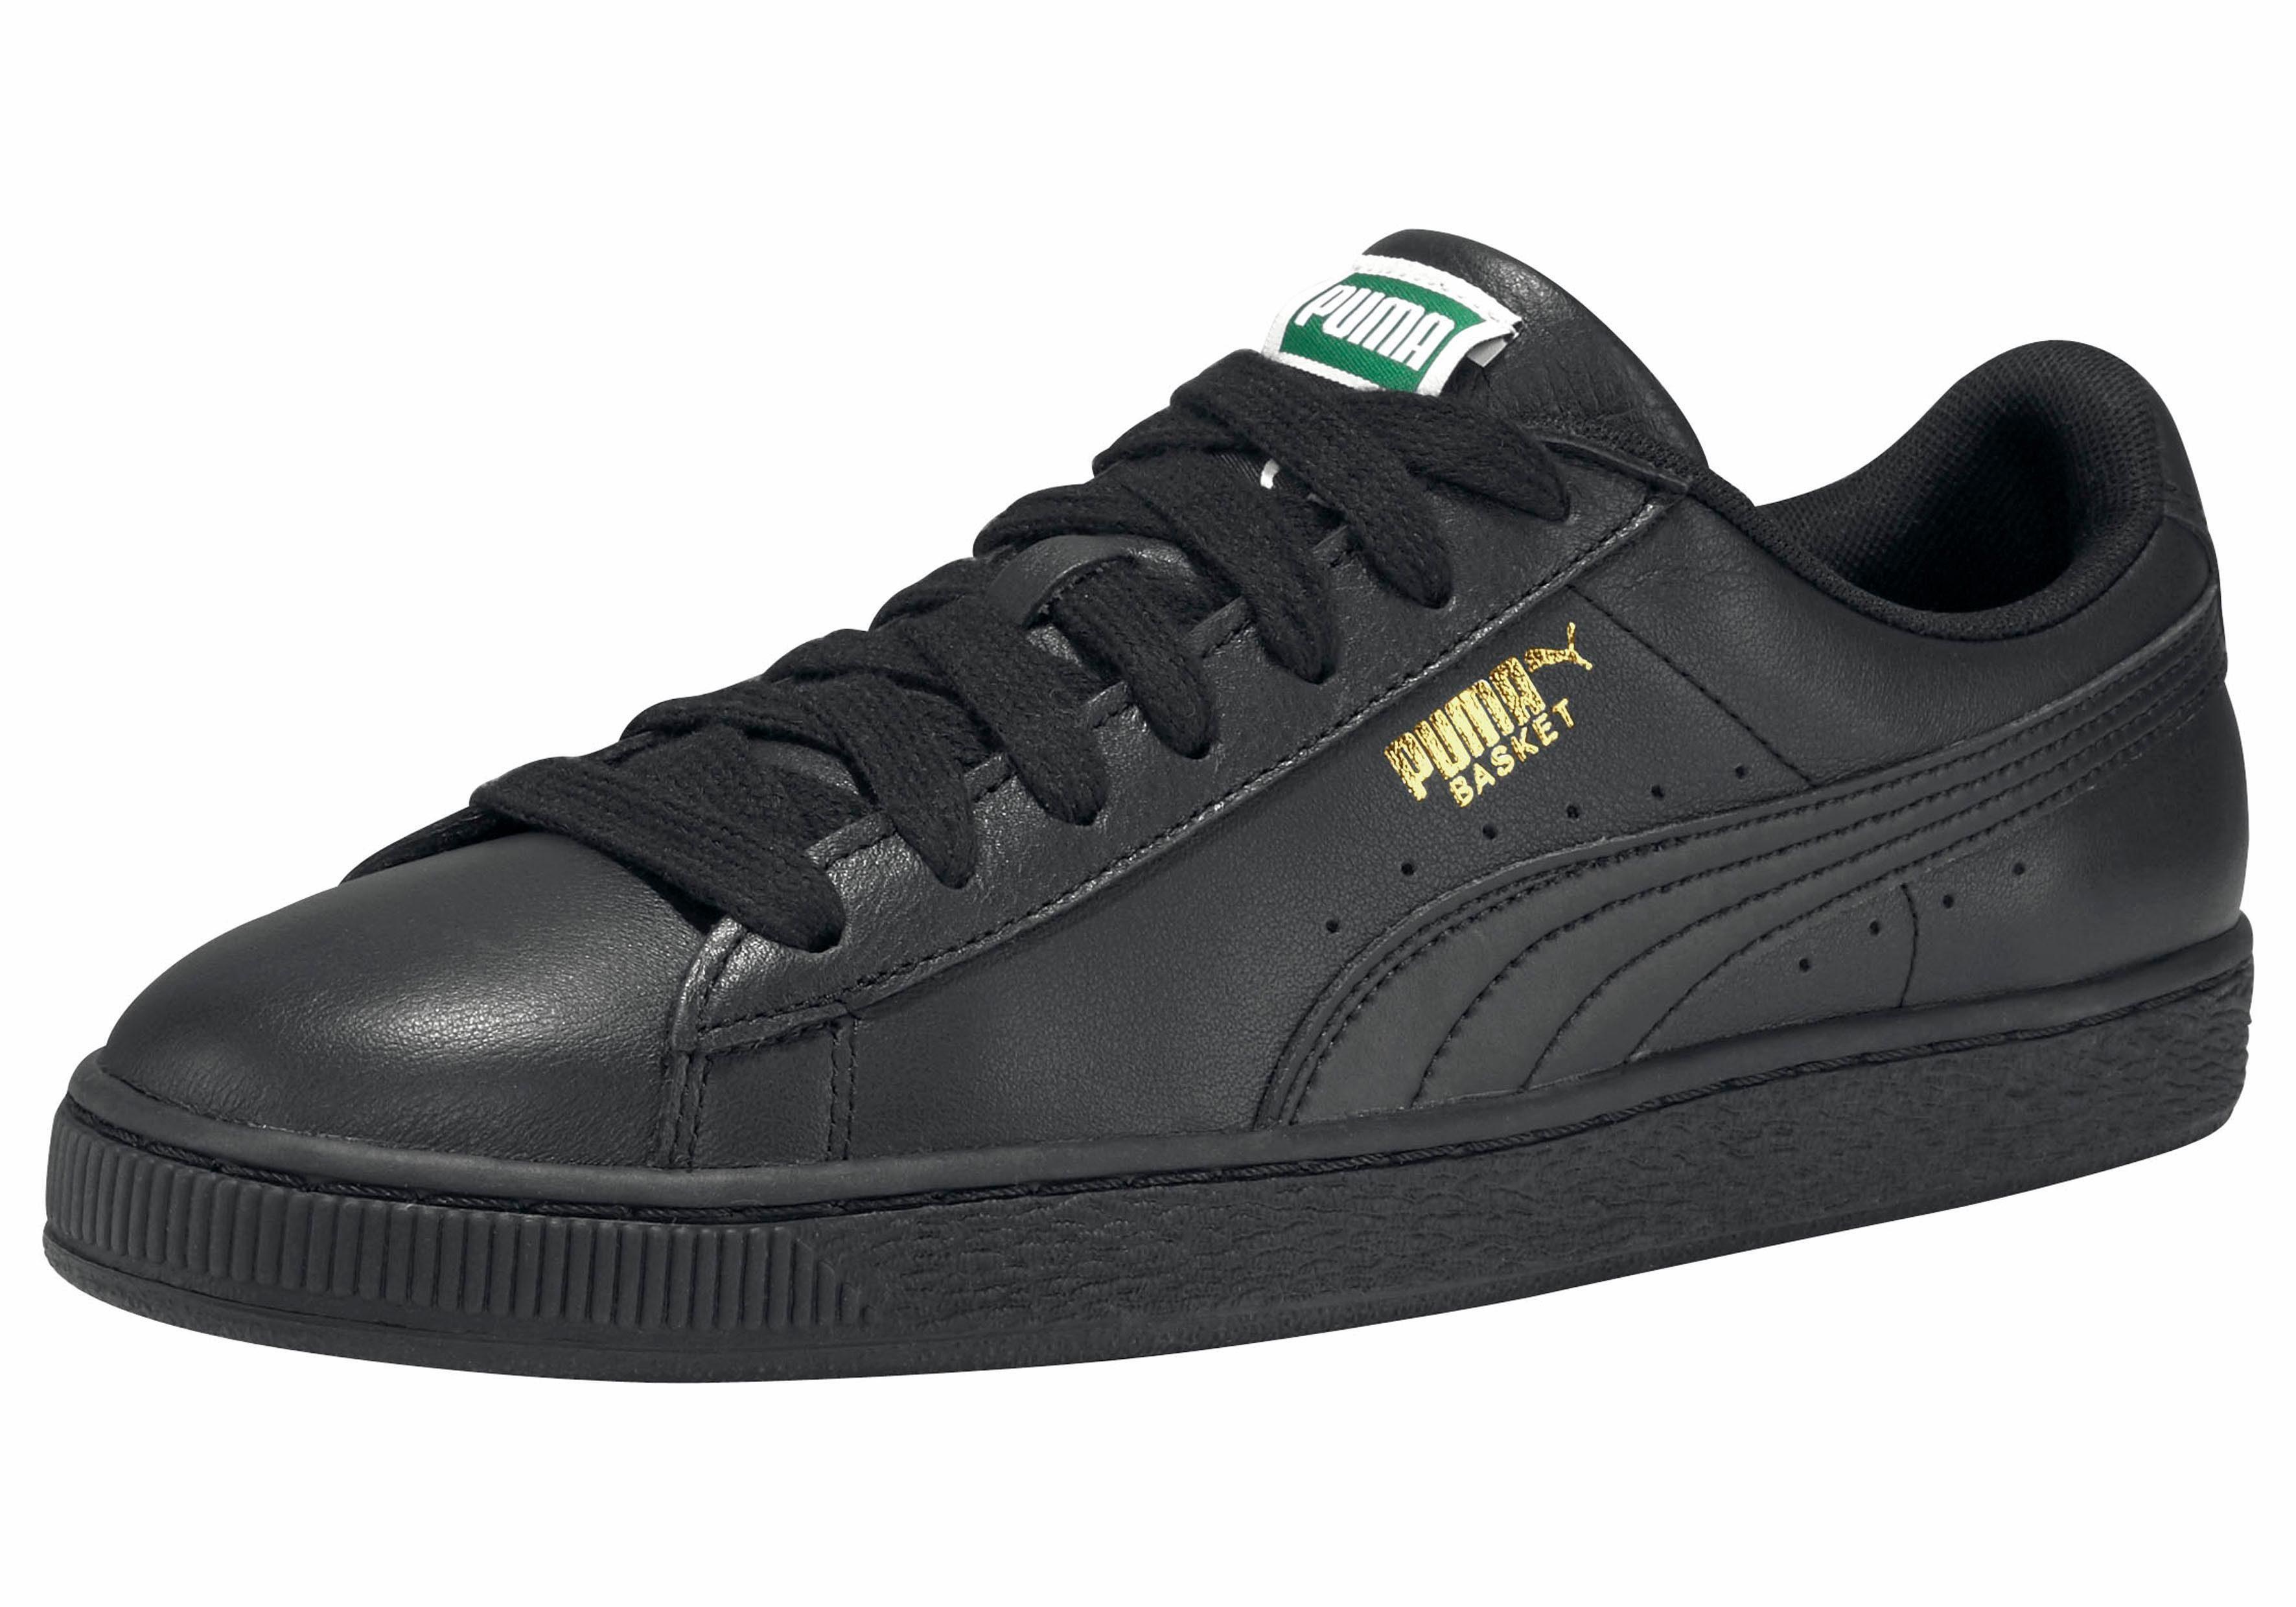 PUMA Basket Classic LFS M Sneaker online kaufen  schwarz